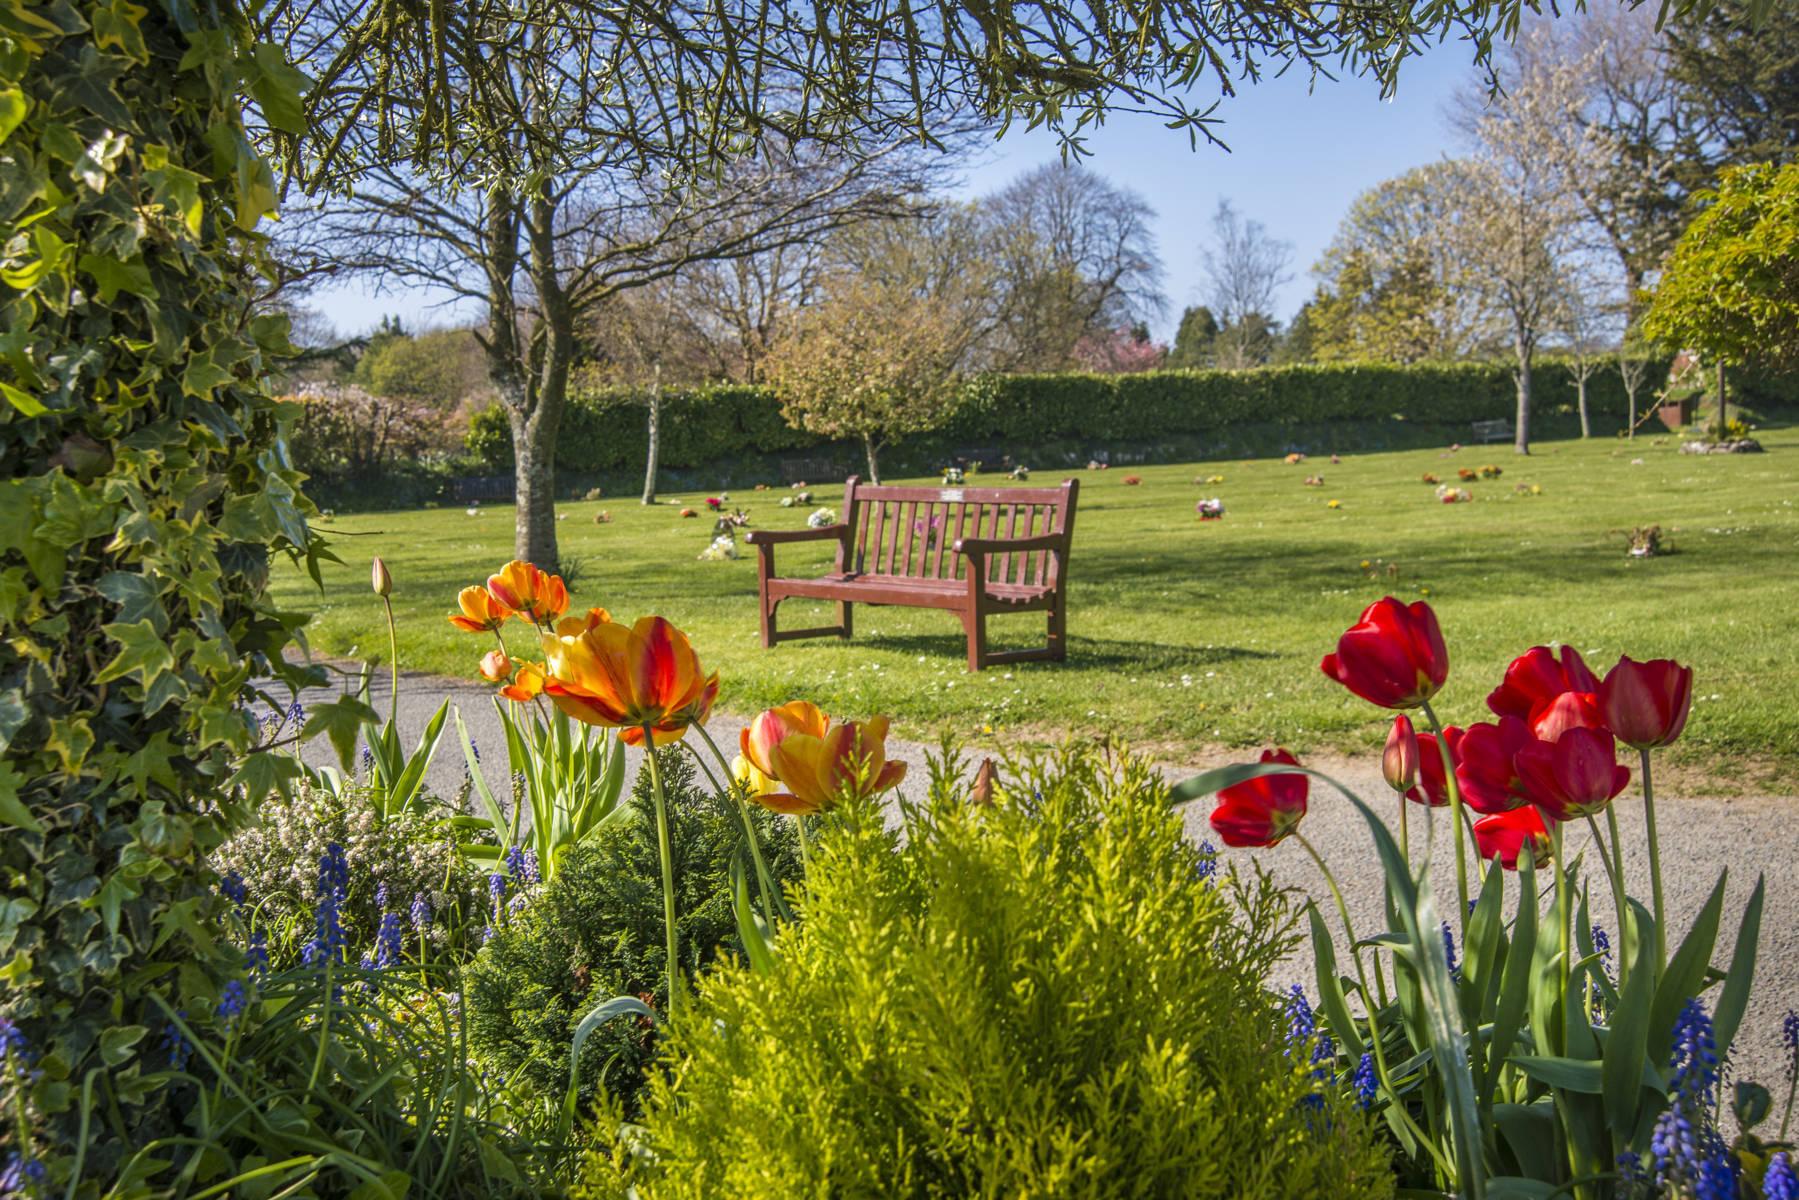 http://drakememorialpark.co.uk/upload/gallery_image/bd2e33270319114700.JPG